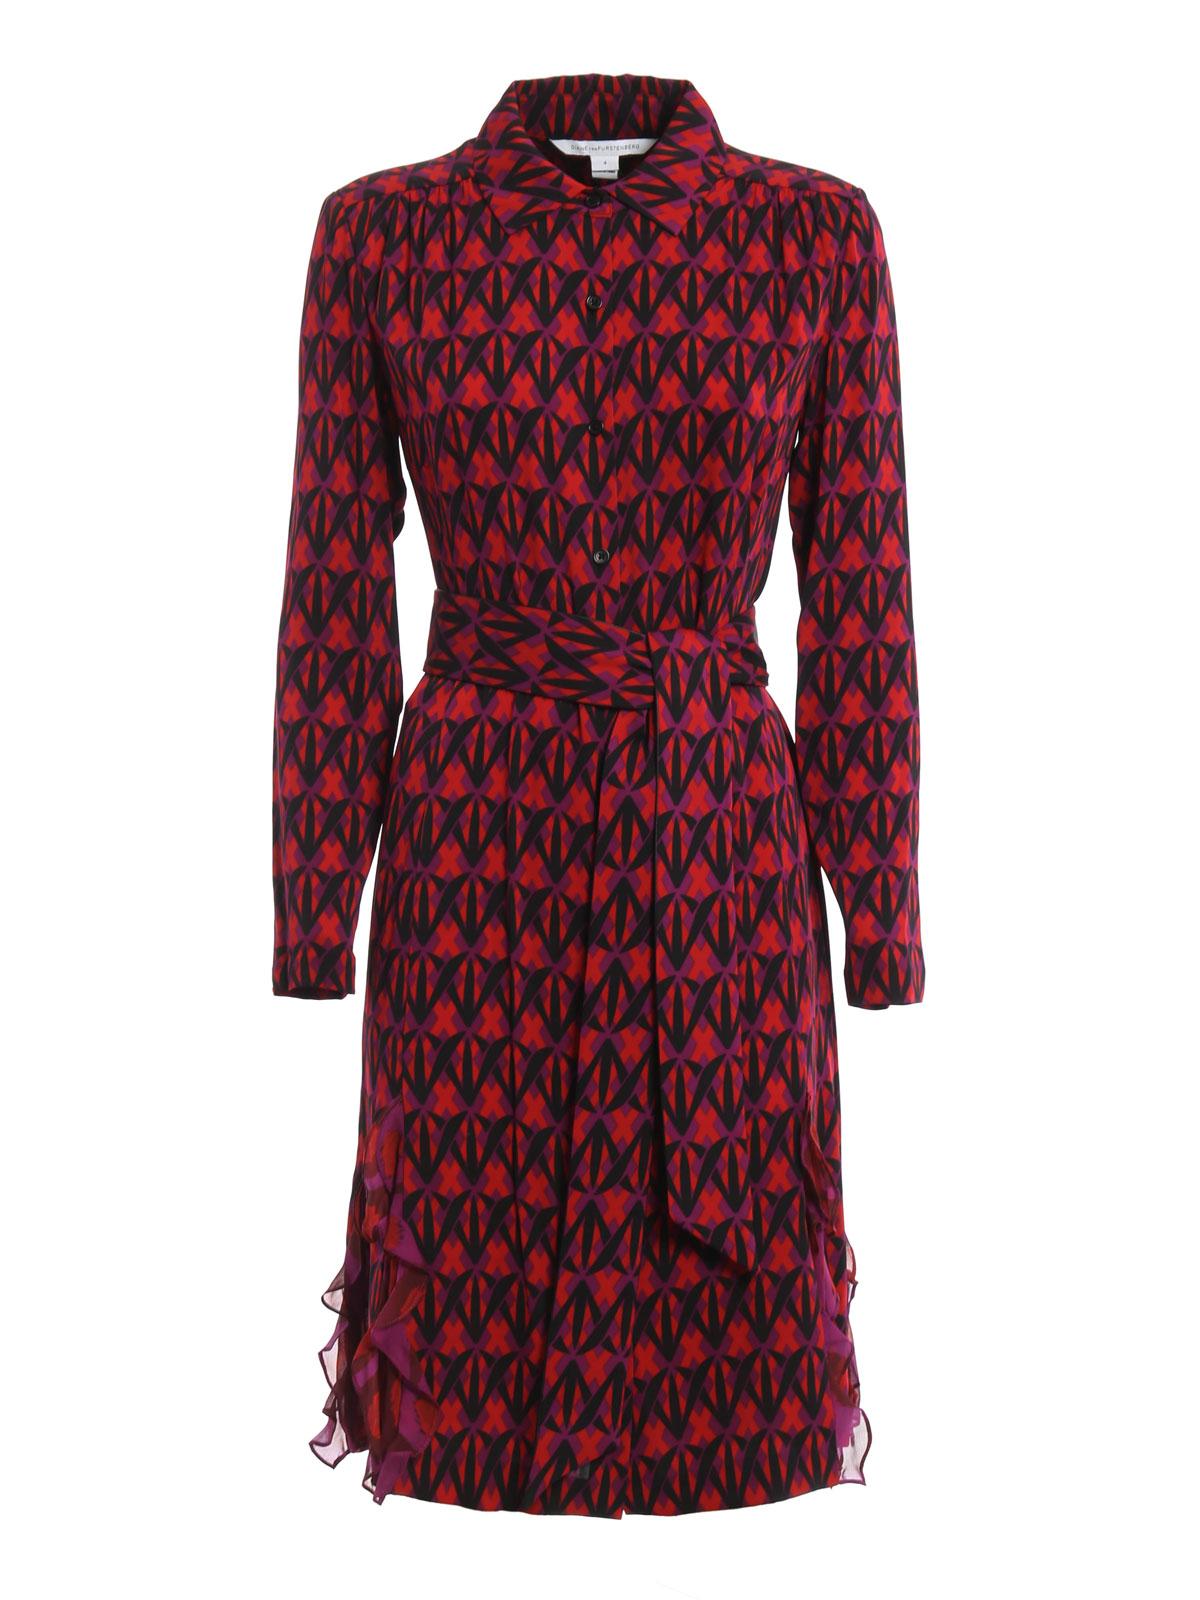 diane von furstenberg catherine belted silk shirt dress knielange kleider d985501s16dsrpp. Black Bedroom Furniture Sets. Home Design Ideas